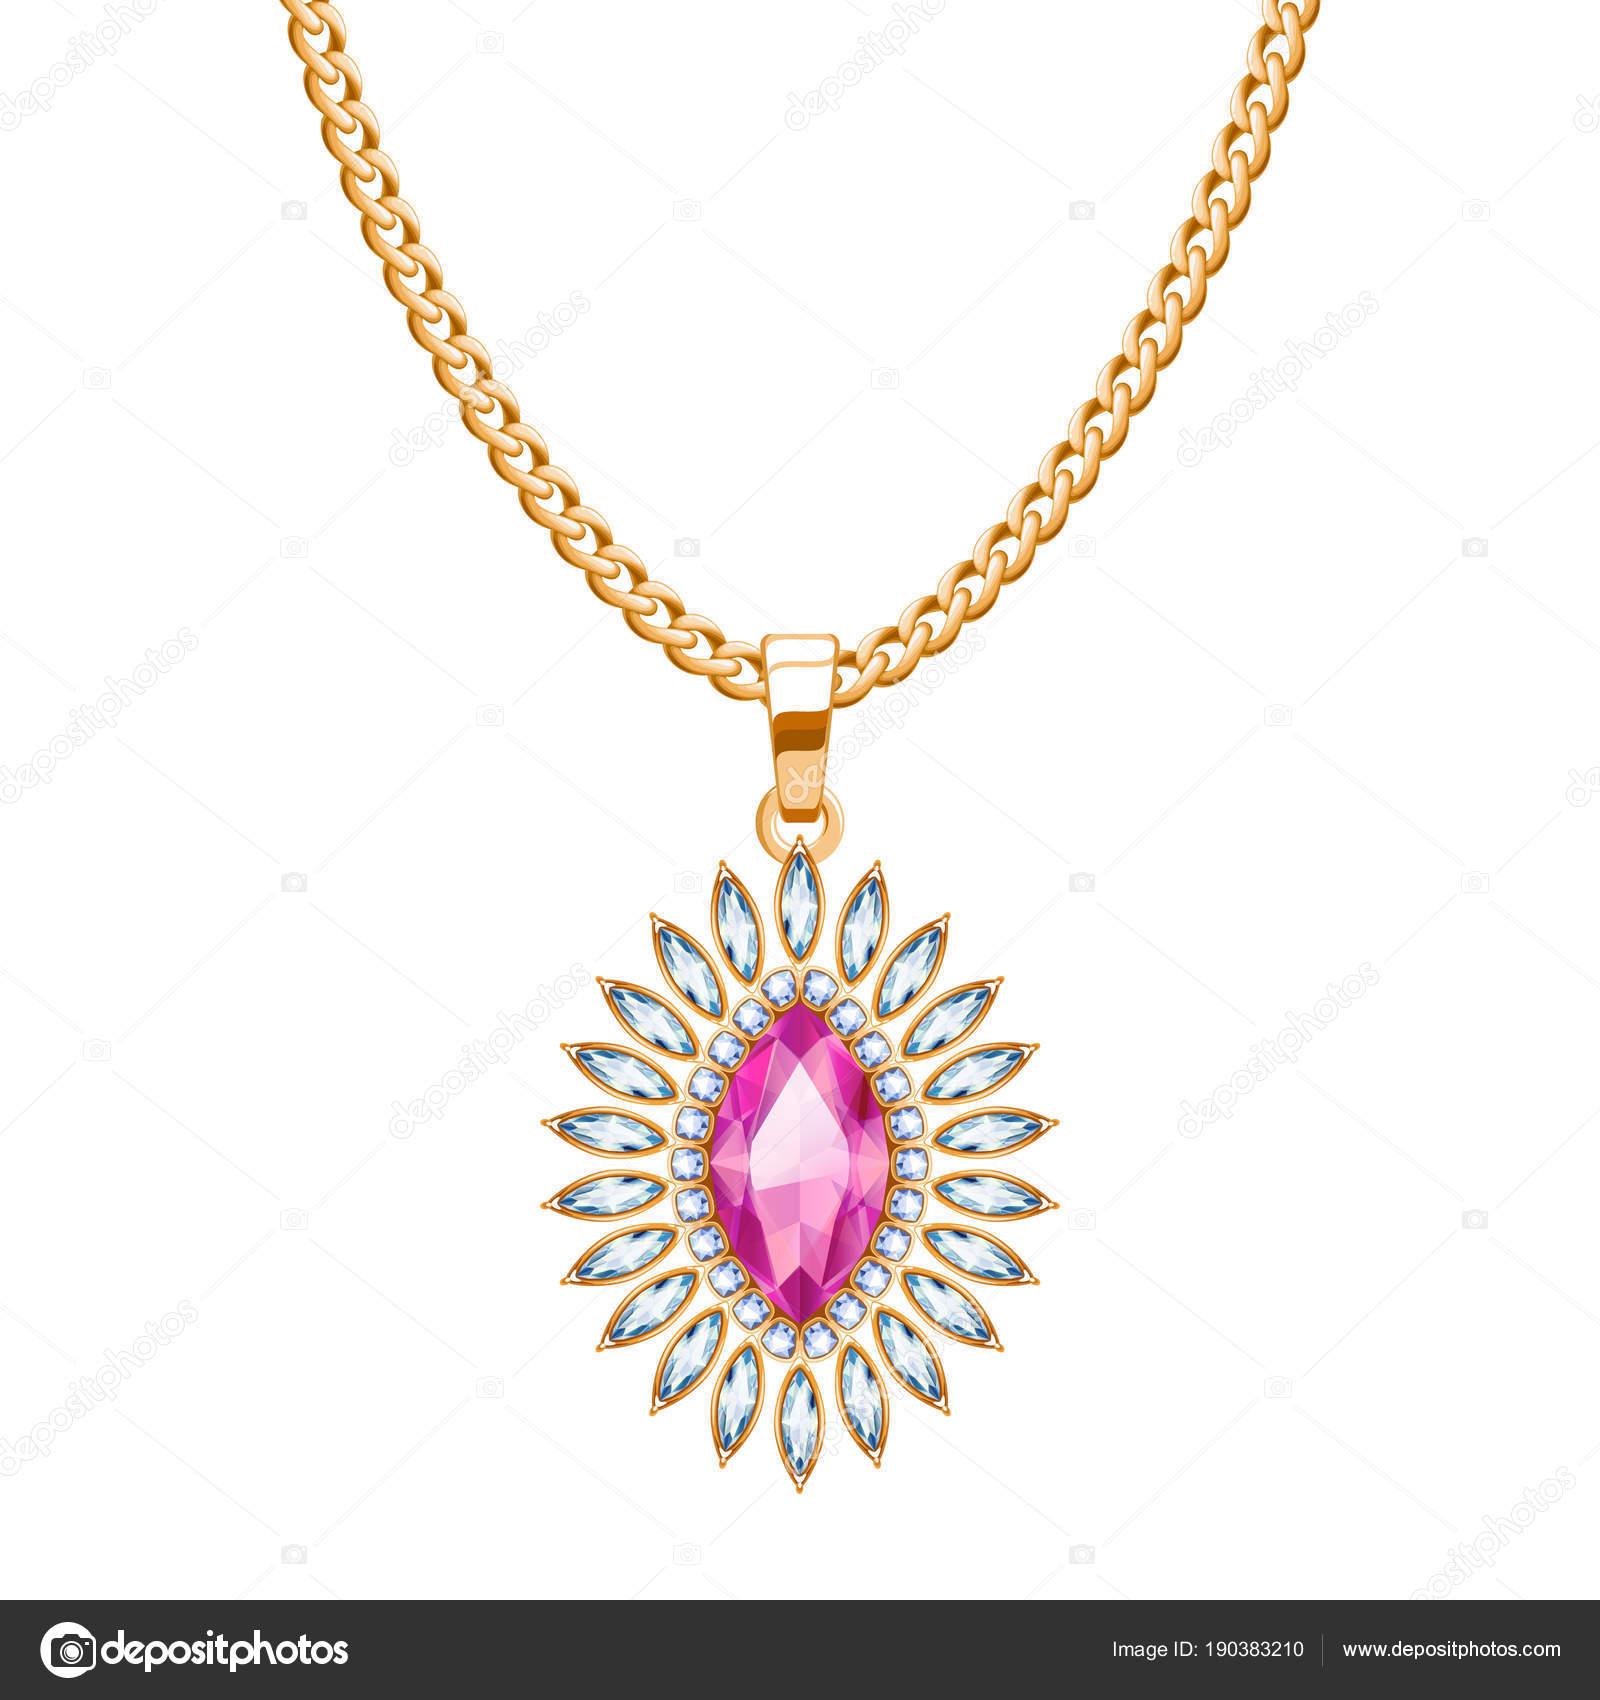 63fe4fccf786 Collar de cadena de oro con rubí y diamantes piedras preciosas. Diseño de  joyas — Vector de ...